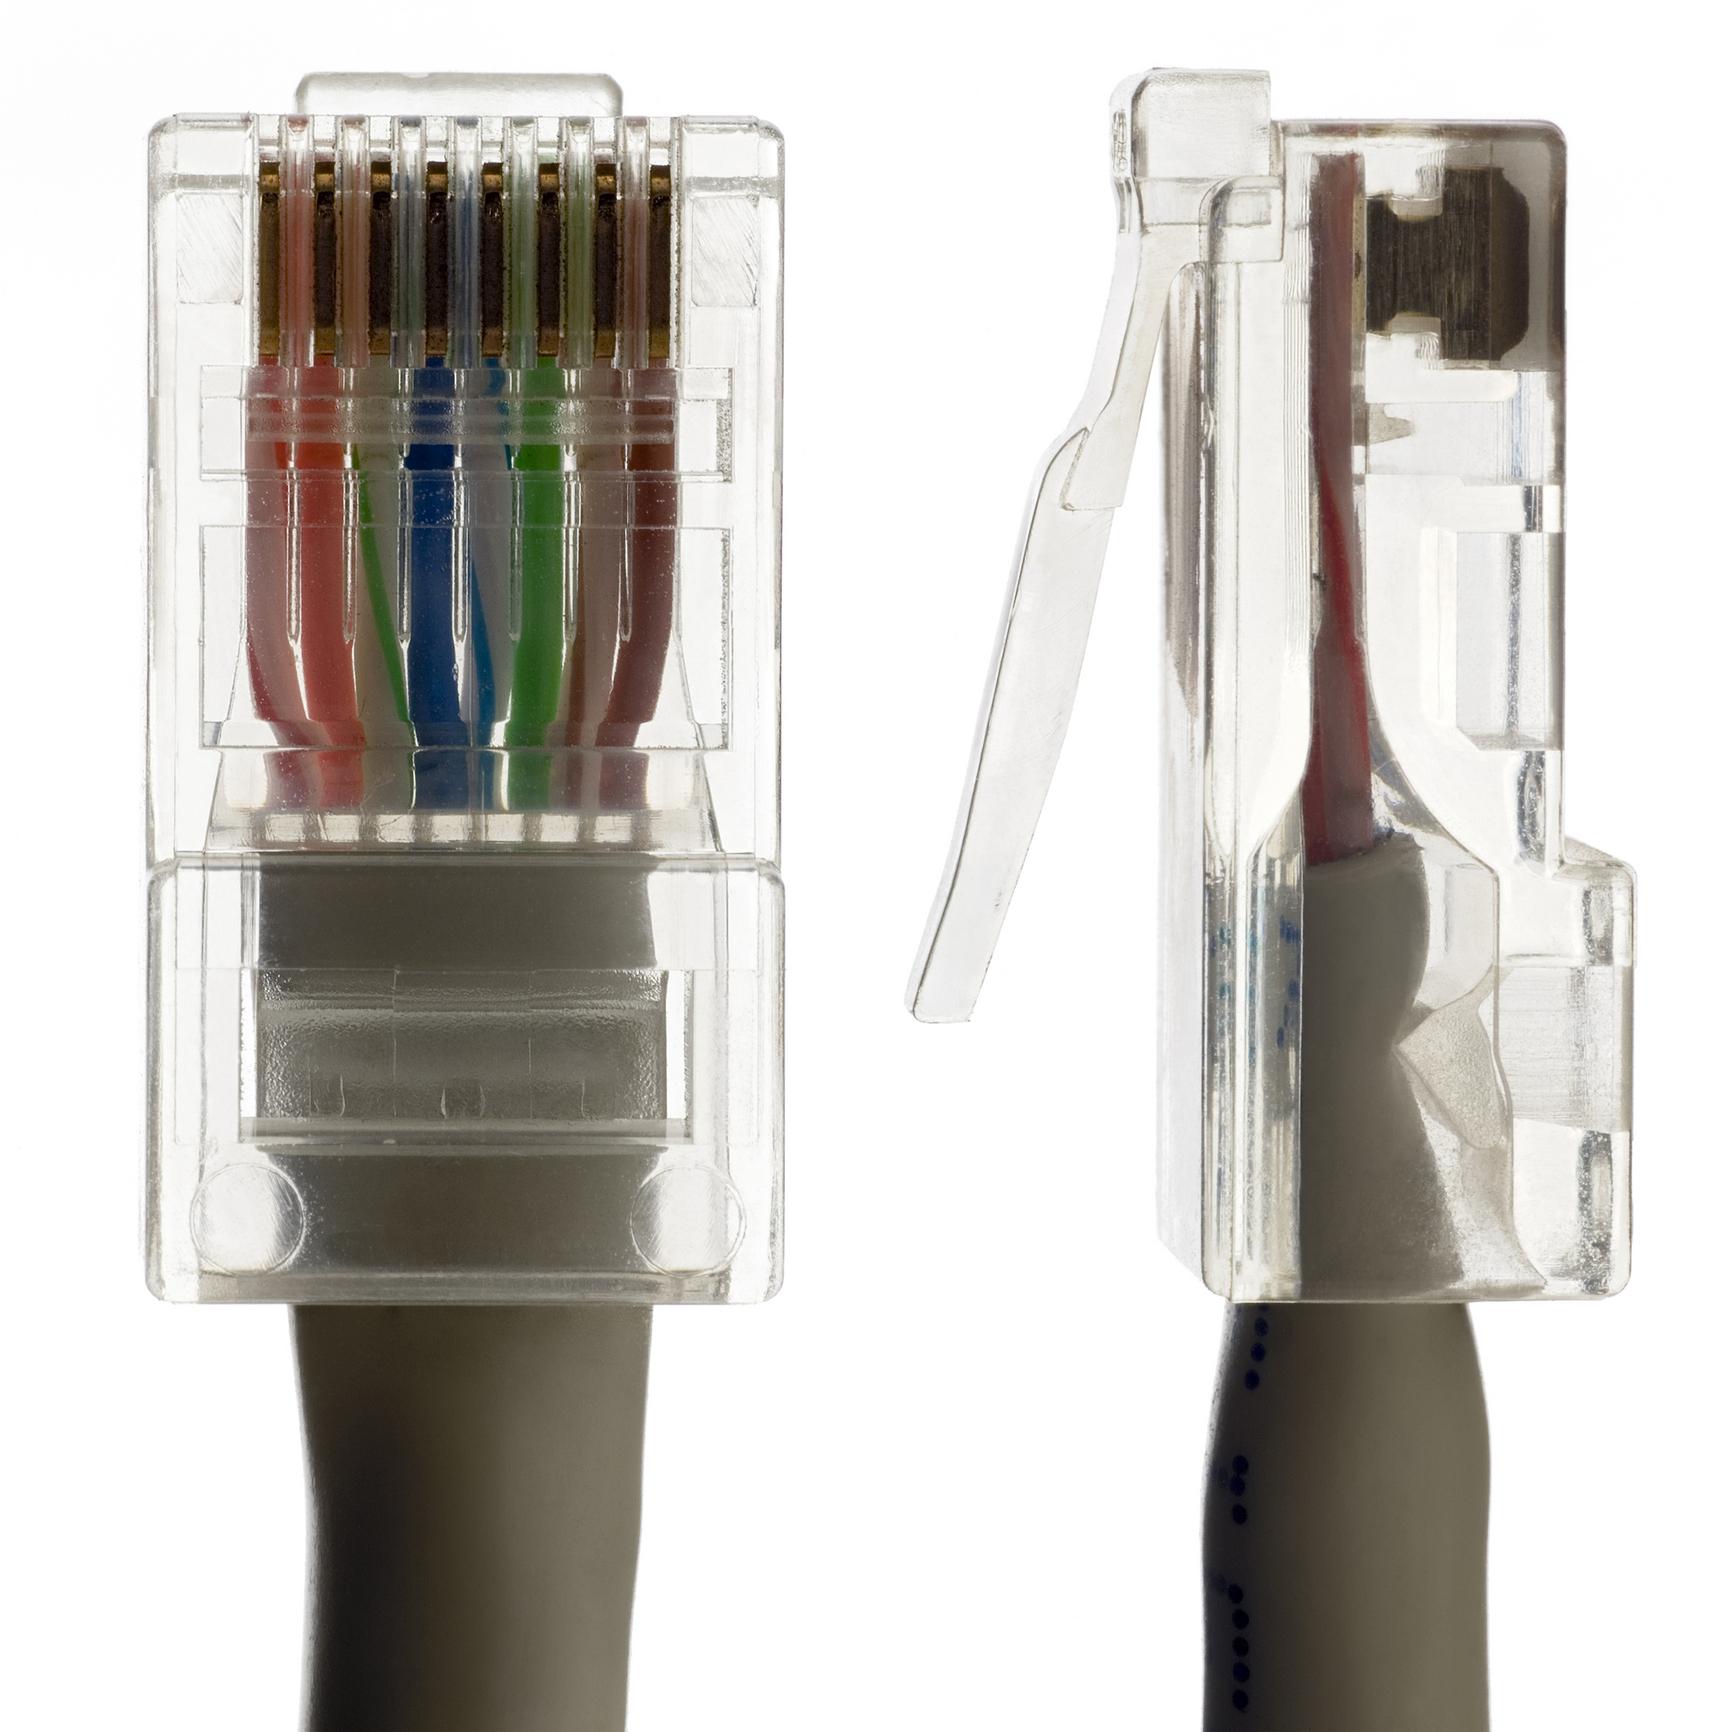 fiber optics technicians